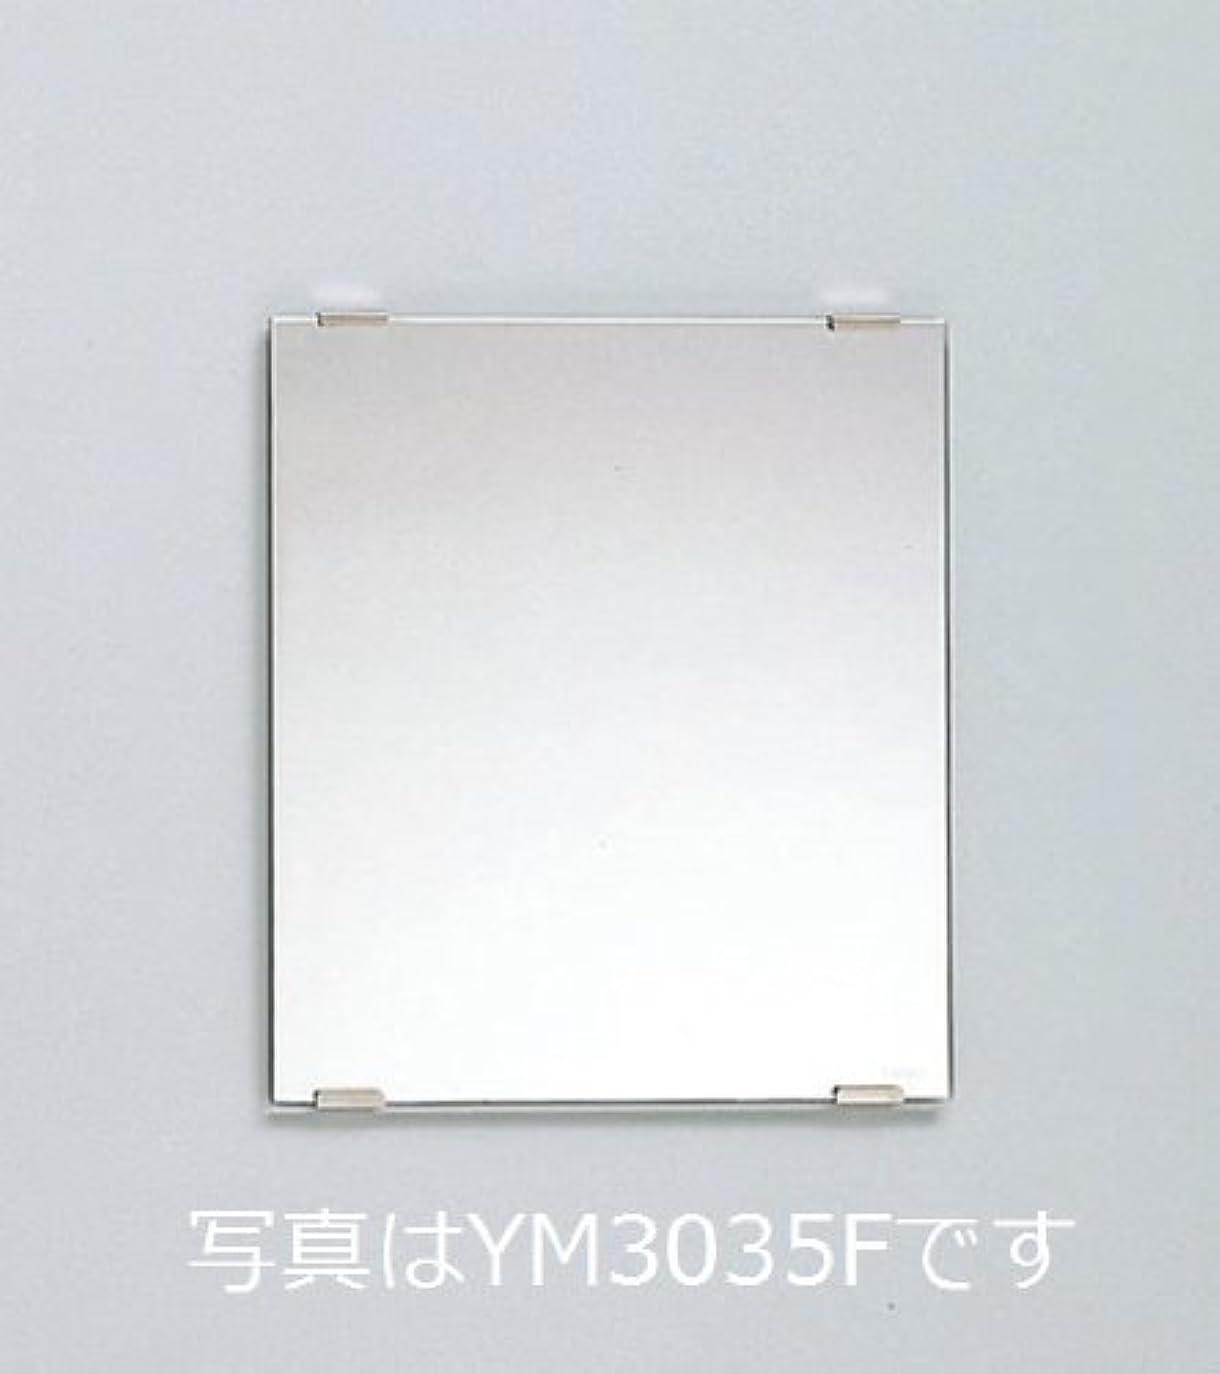 チャンバー発動機リフレッシュTOTO 化粧鏡 YM3560F 耐食鏡 角型 350×600(mm)